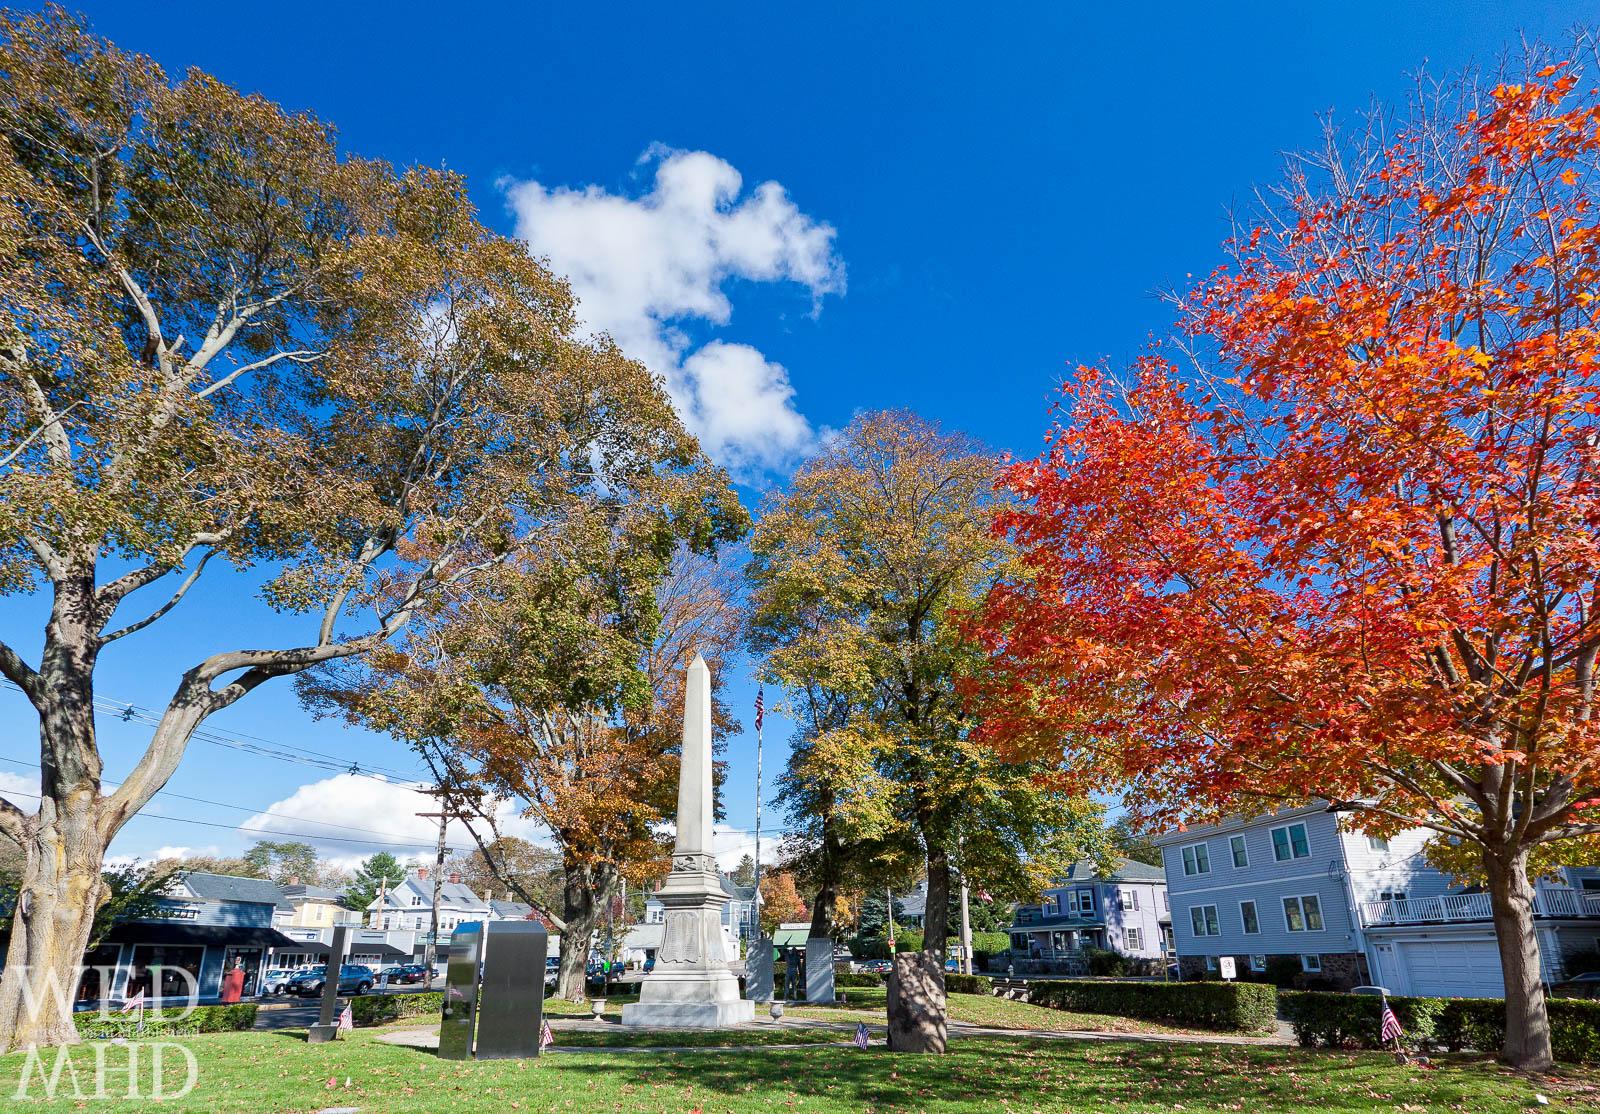 Falls Colors on Display at Memorial Park